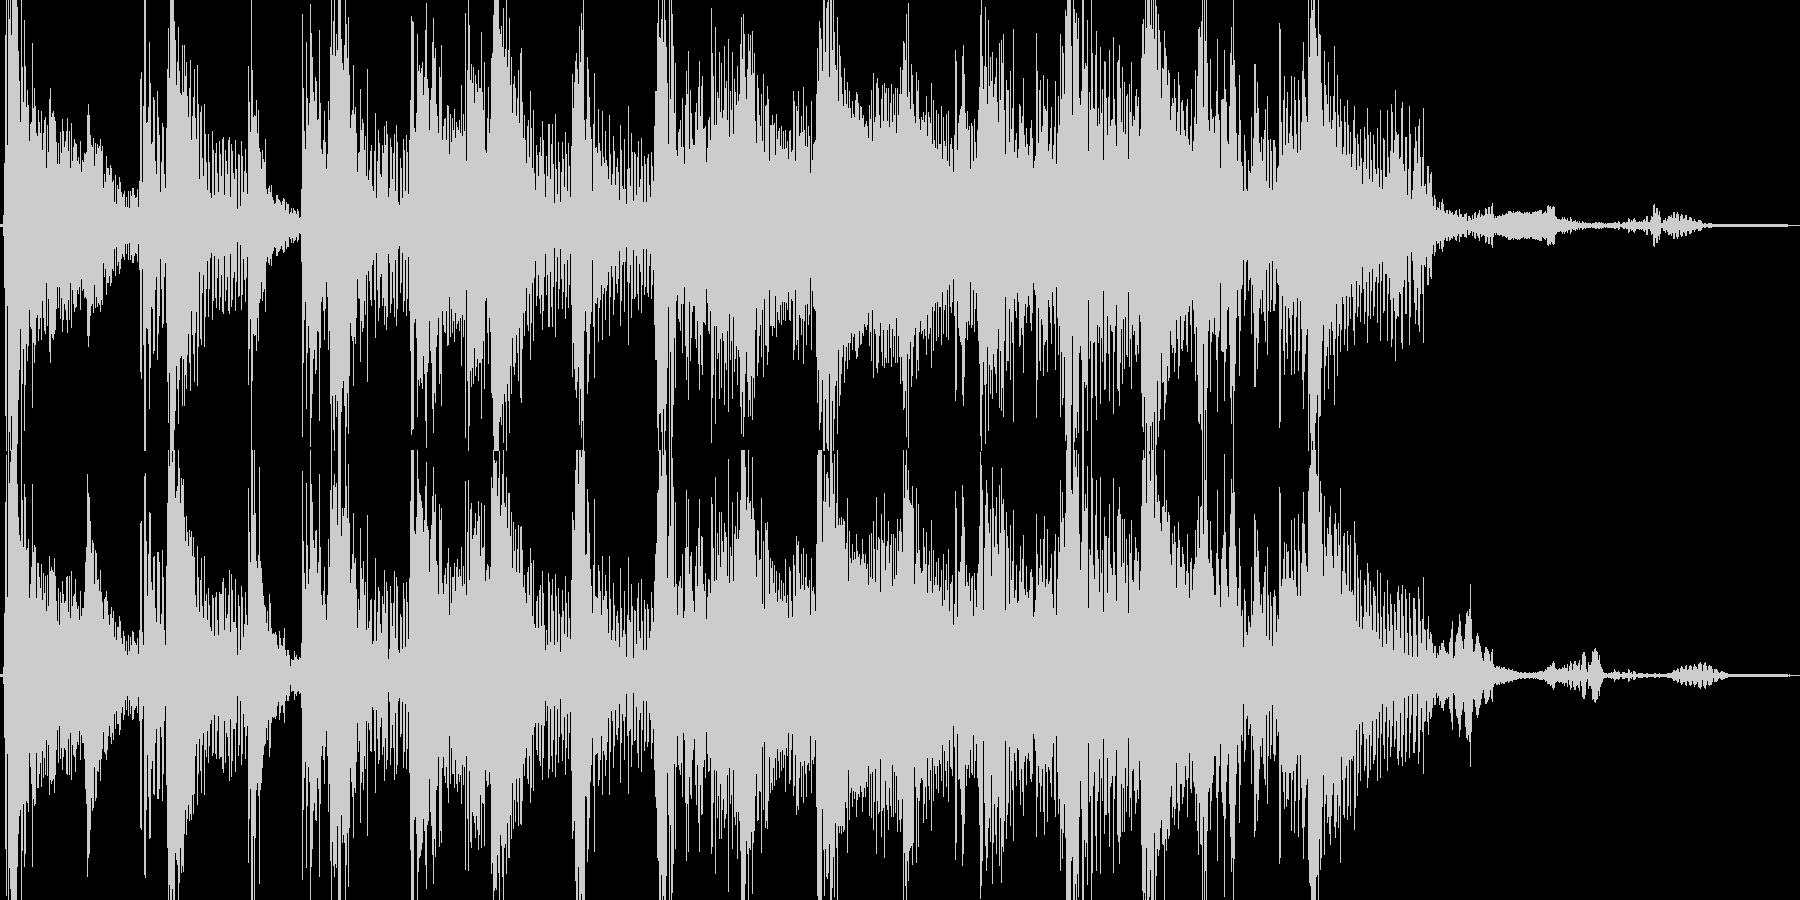 ファンキー 温泉に浸るイメージのジングルの未再生の波形